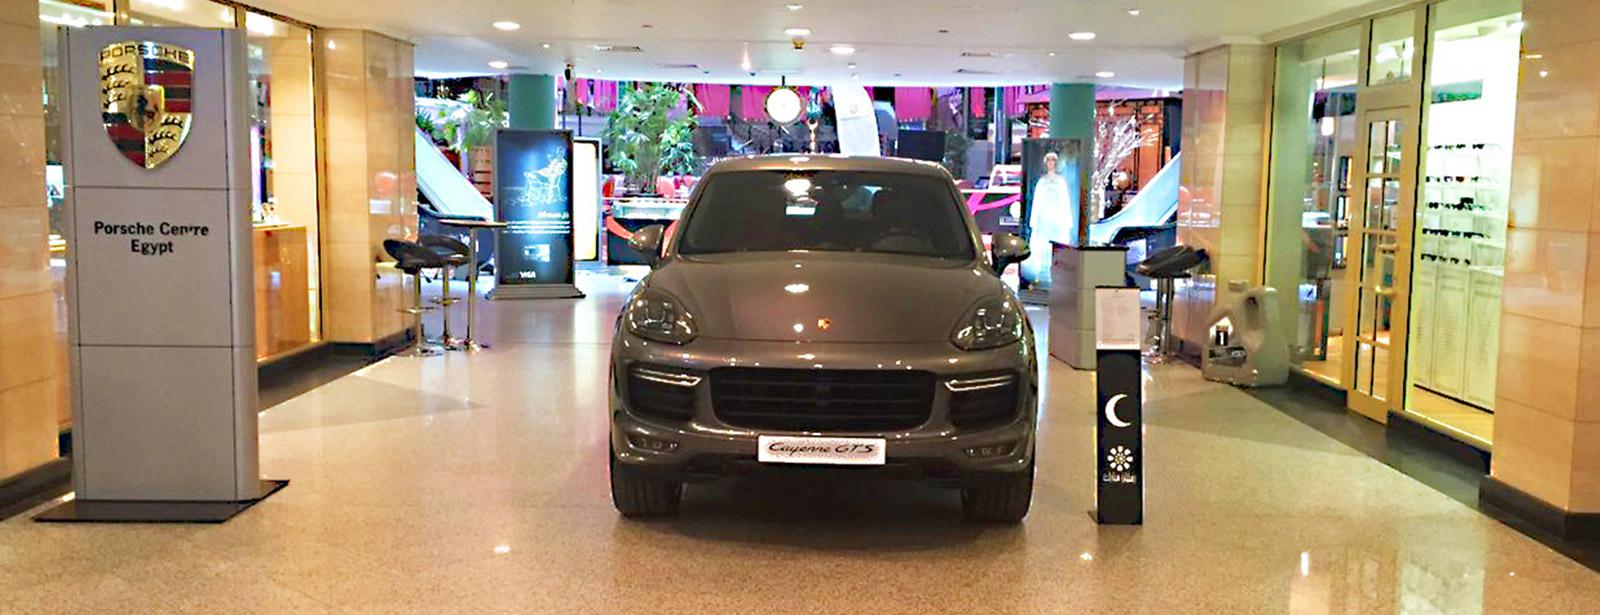 Until Saturday Juli 2nd, 2016 | Porsche Cayenne GTS in First Mall